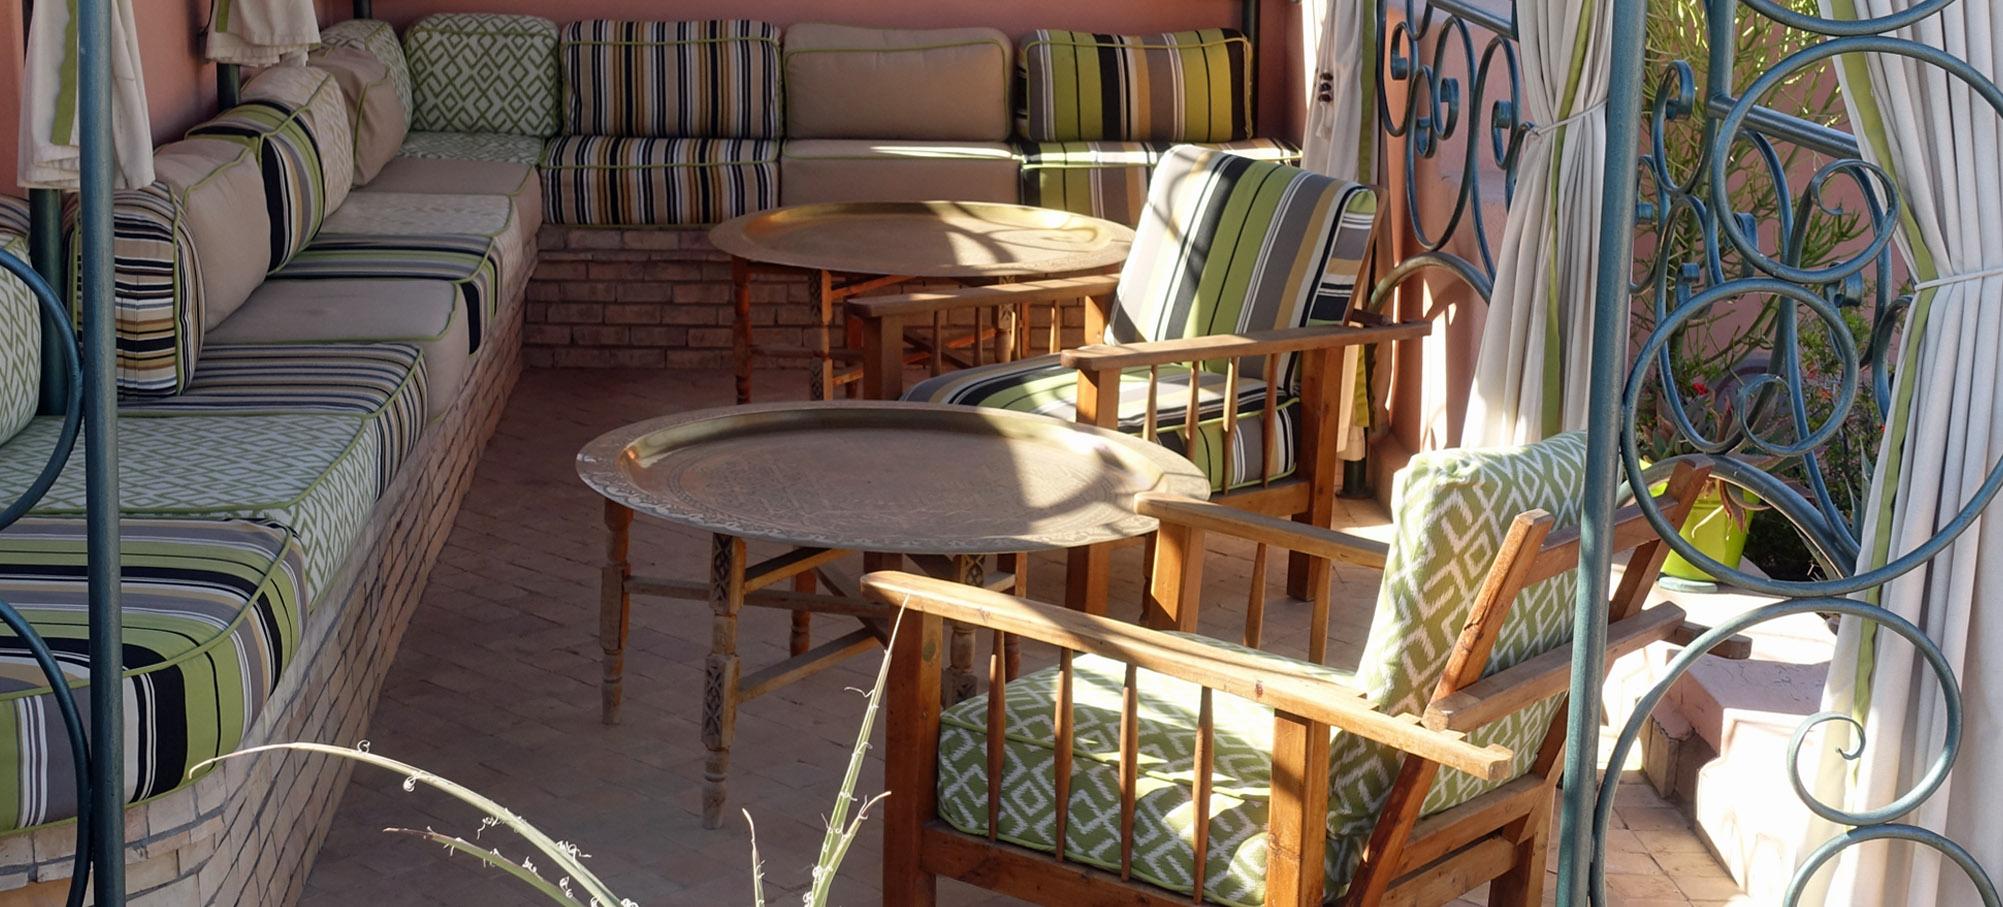 3. Gallery Terrace Gazebo